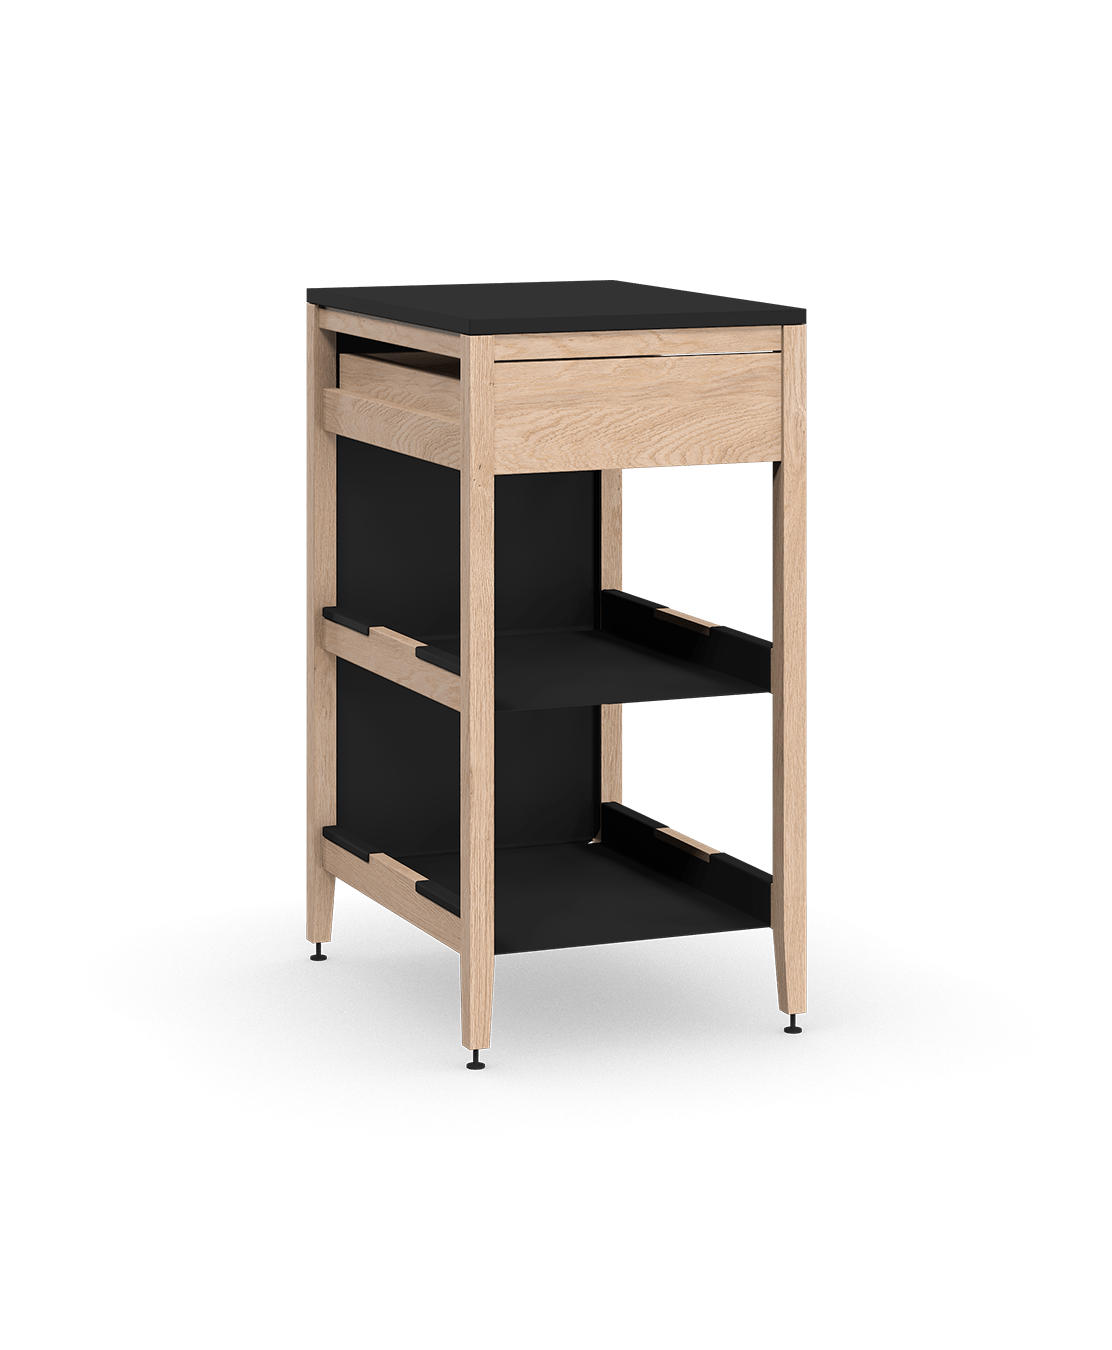 armoire de cuisine modulaire inférieure en bois massif coquo radix avec 2 tablettes 1 tiroir chêne blanc 18 pouces C1-C-18TB-1022-NA